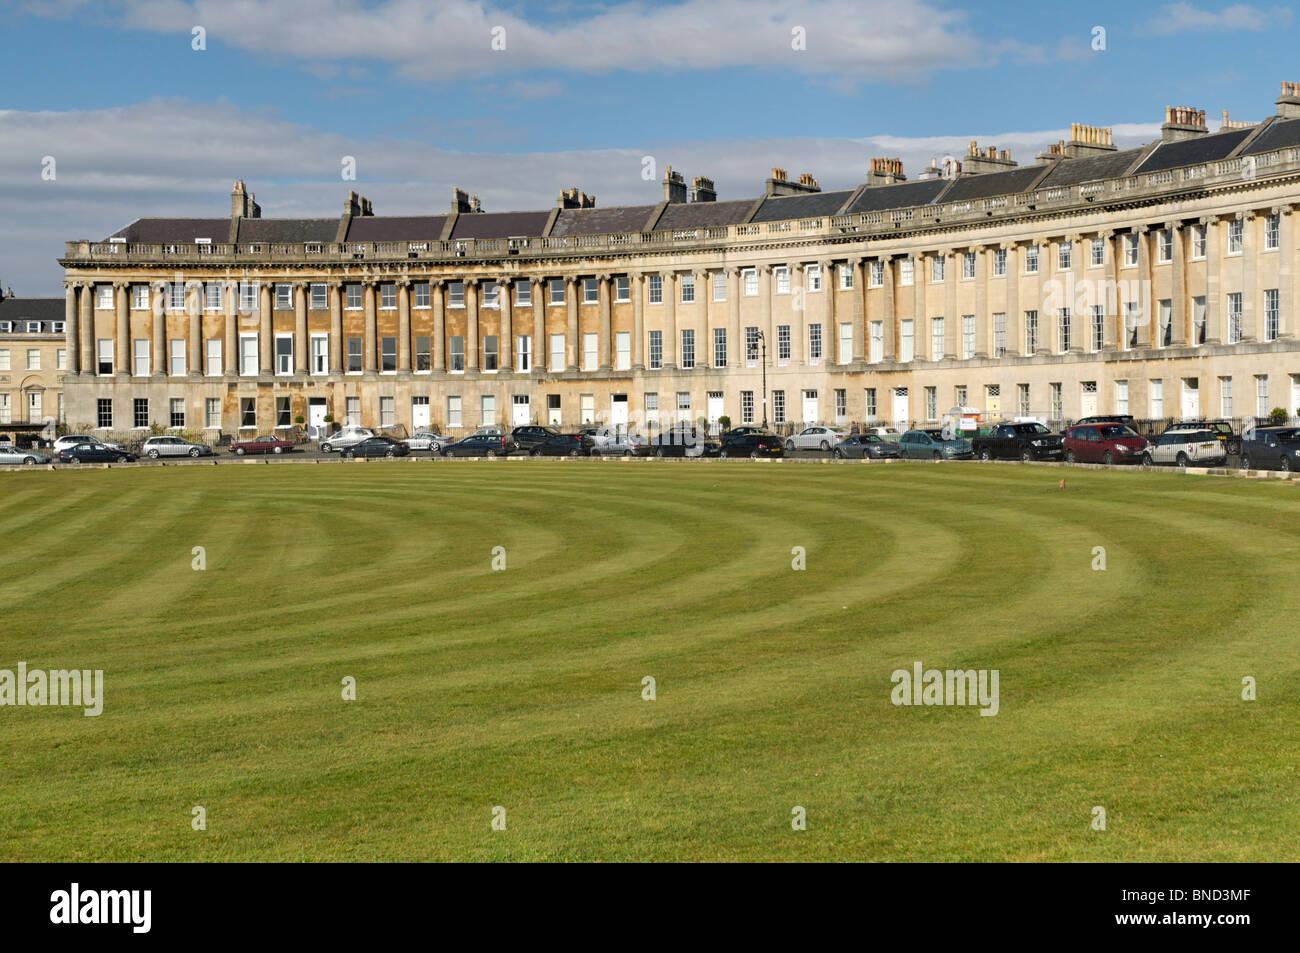 """Rasen vor """"Royal Crescent"""" in der historischen, geplant georgianischen Stadt Bath in Großbritannien Stockbild"""